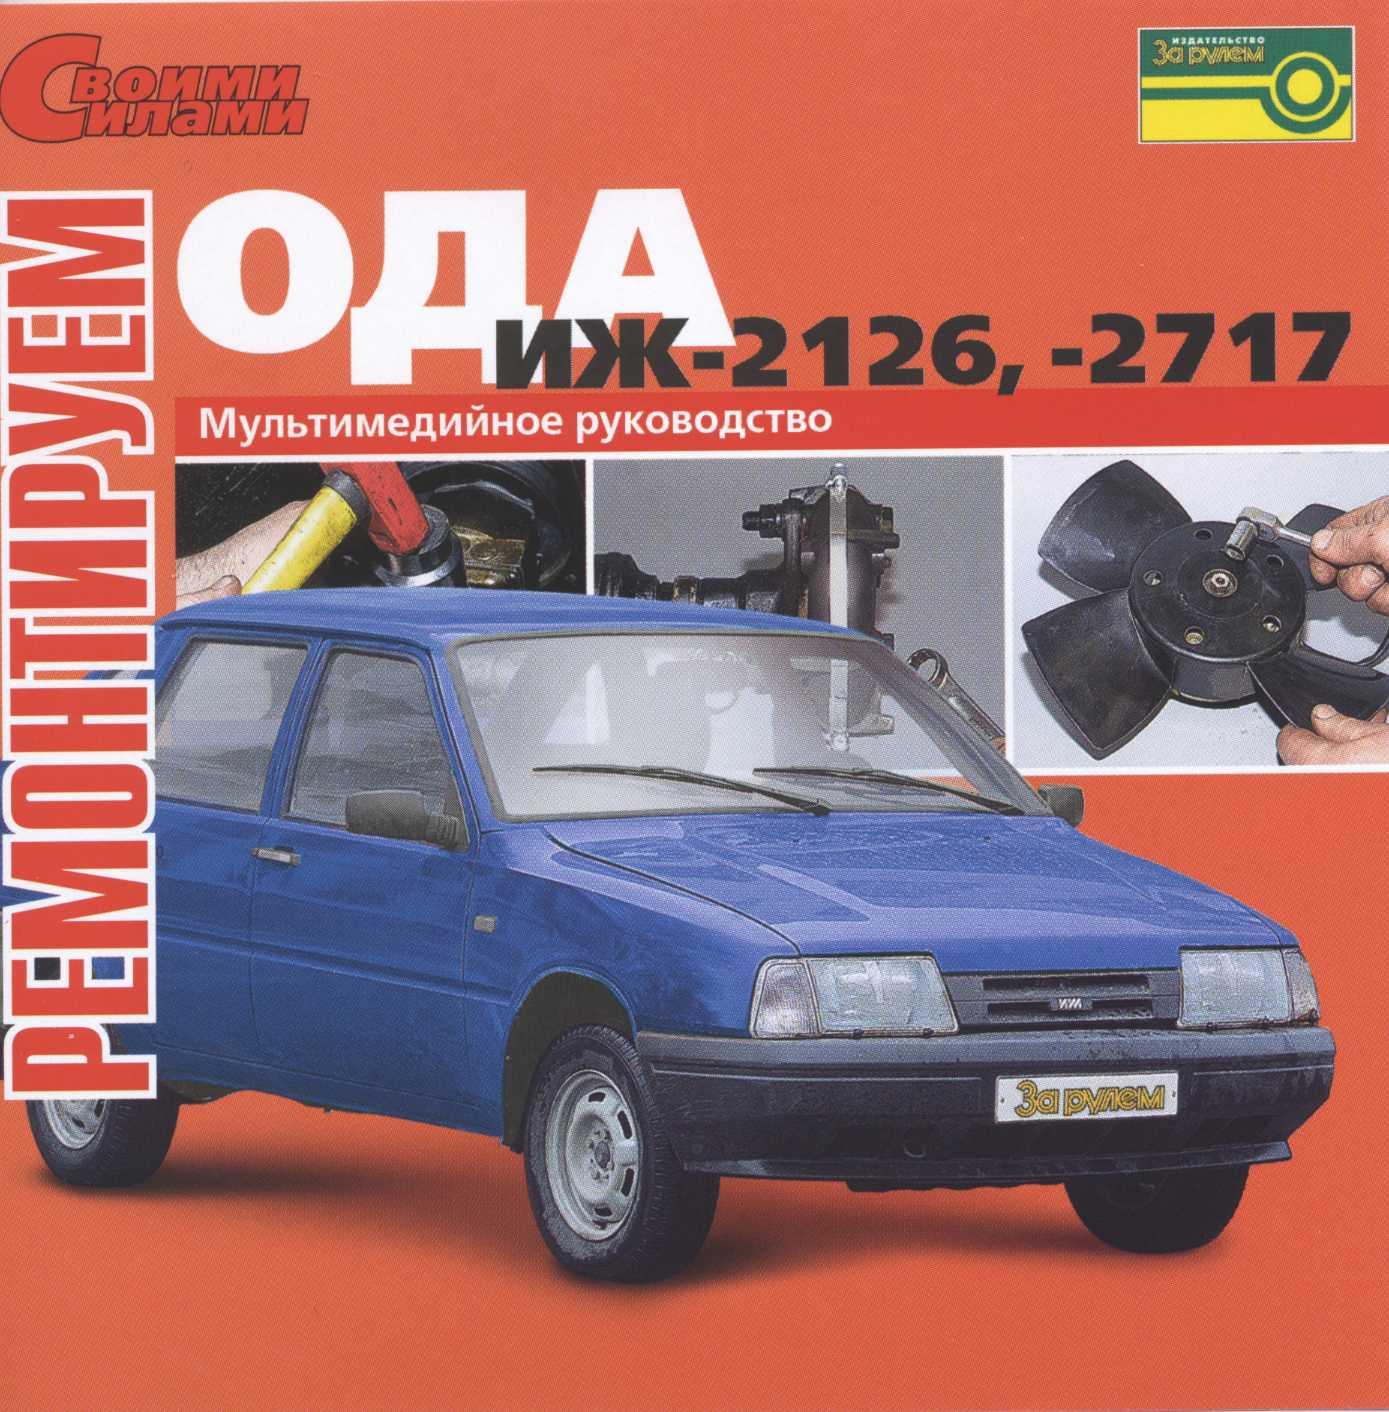 Руководство по ремонту автомобиля иж 2126 иж 2717 ода